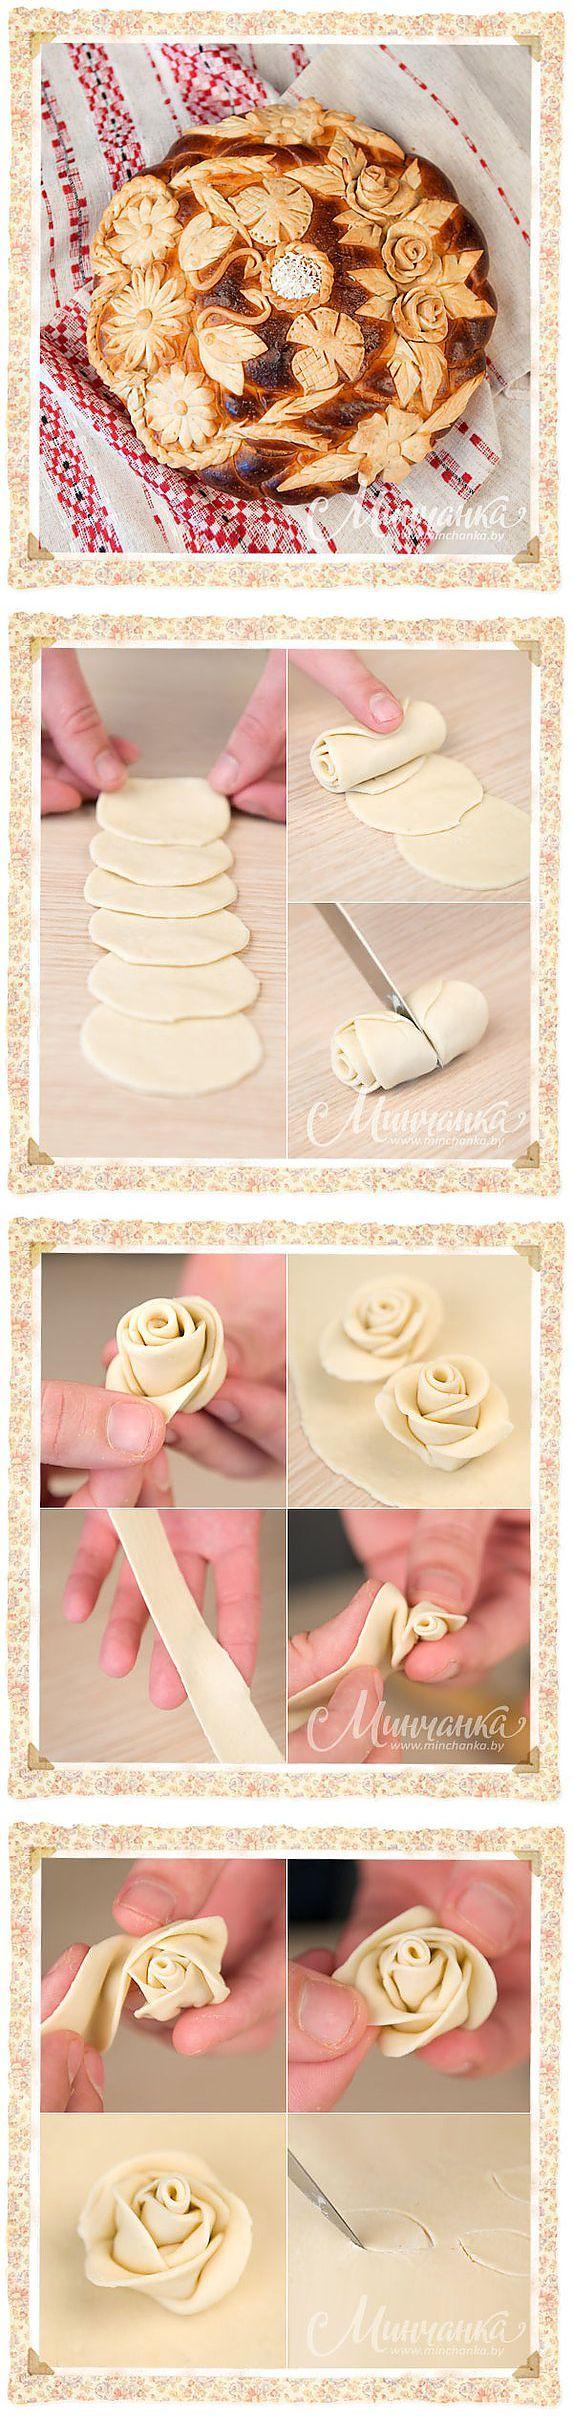 Lo hermosa para decorar el pan u otros productos horneados.